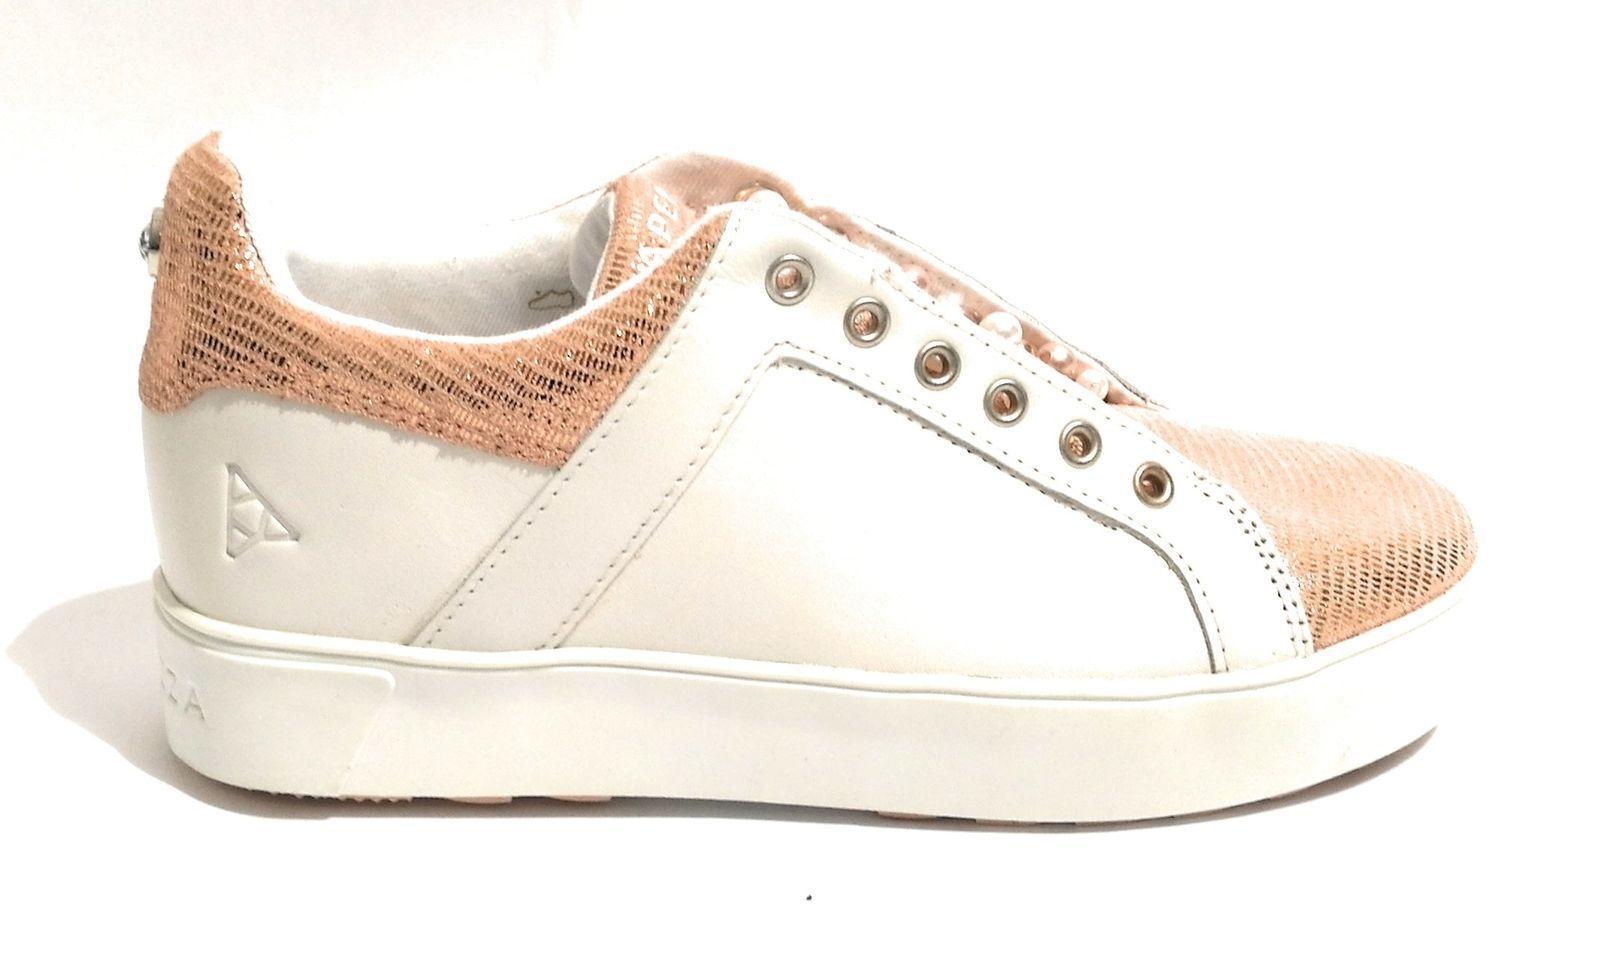 Sneakers Apepazza donna n pelle bianco rosa cipria n donna 35 nuove a8e301